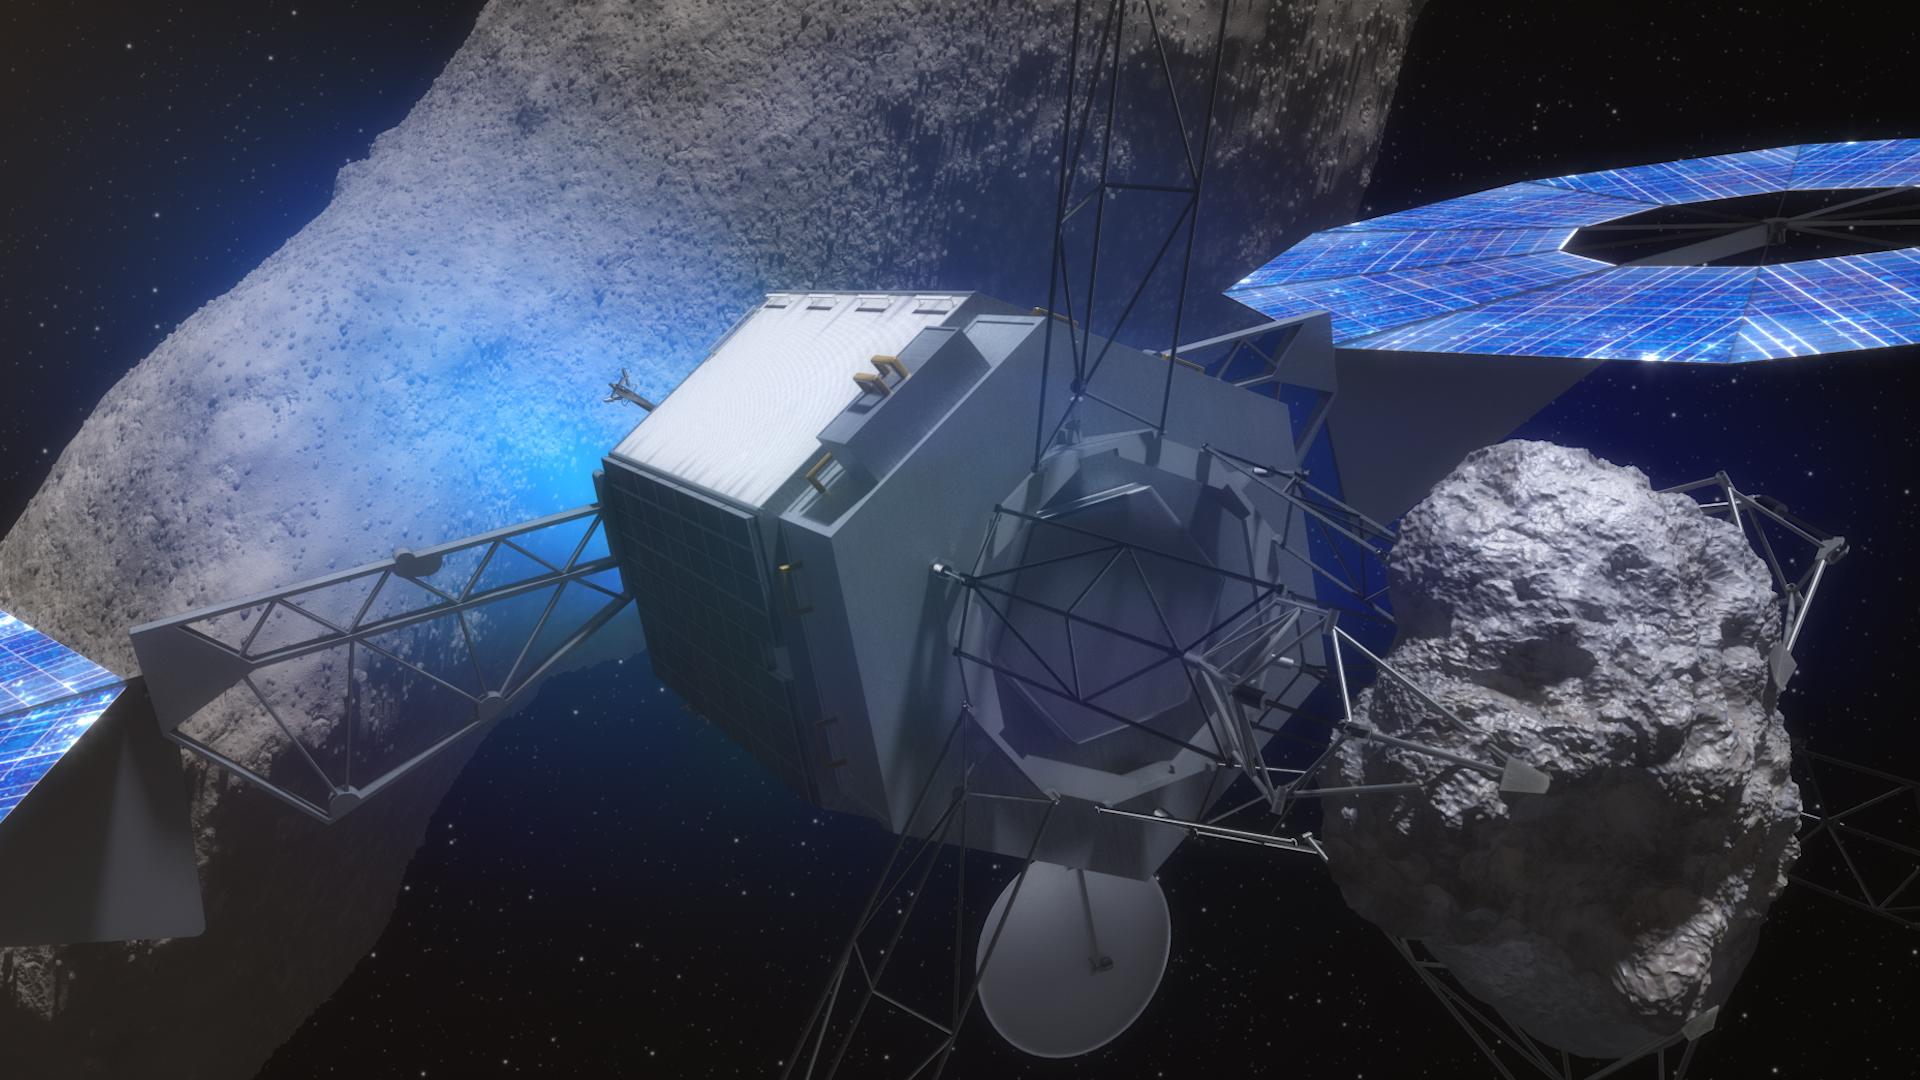 For Asteroid-Capture Mission, NASA Picks 'Option B' for Boulder